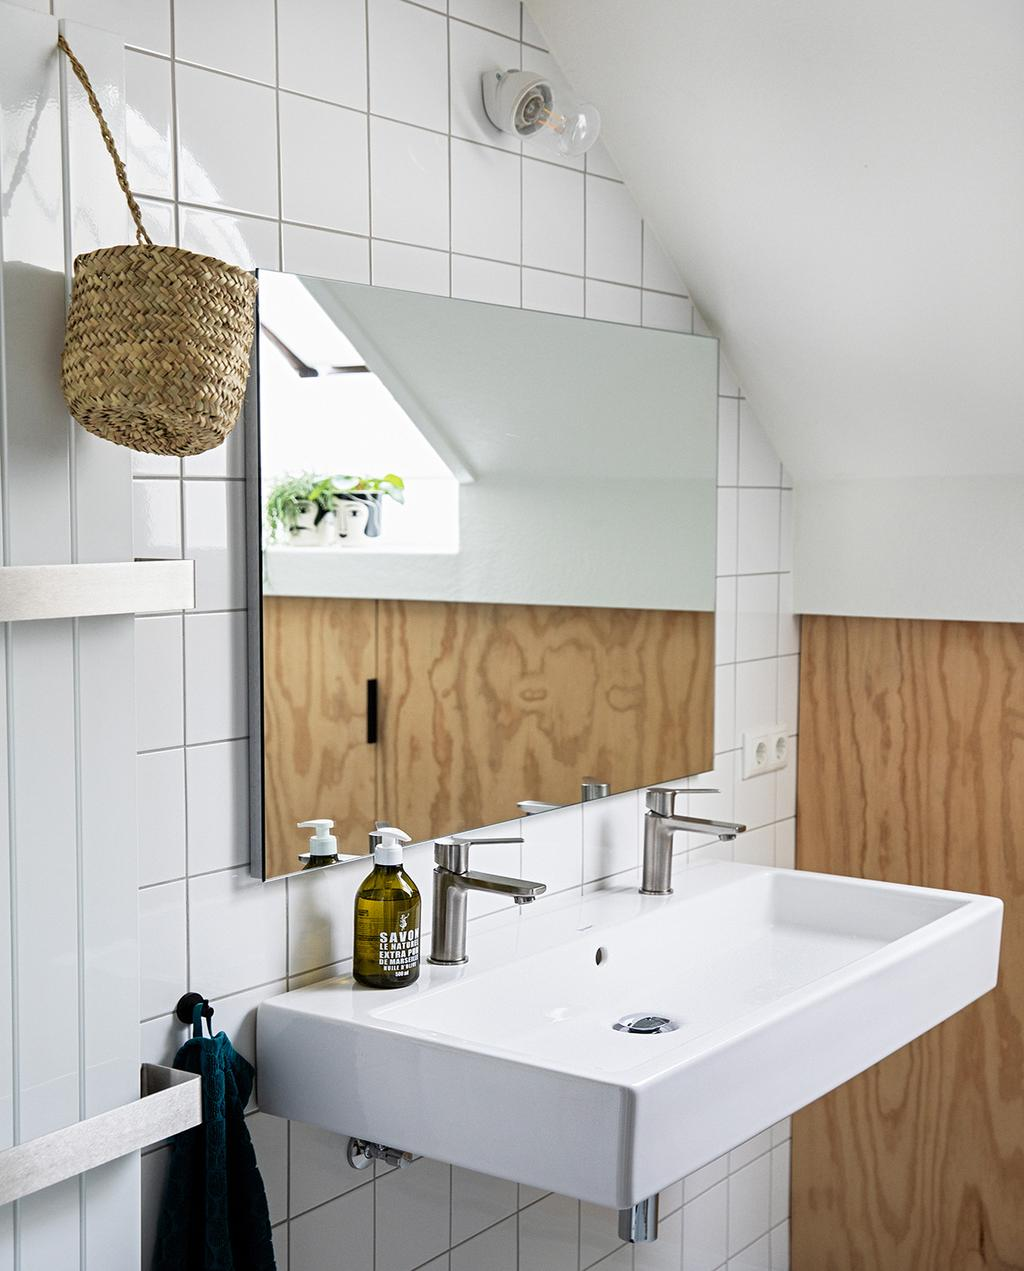 vtwonen 04-2021 | tegels in badkamer met houten wand